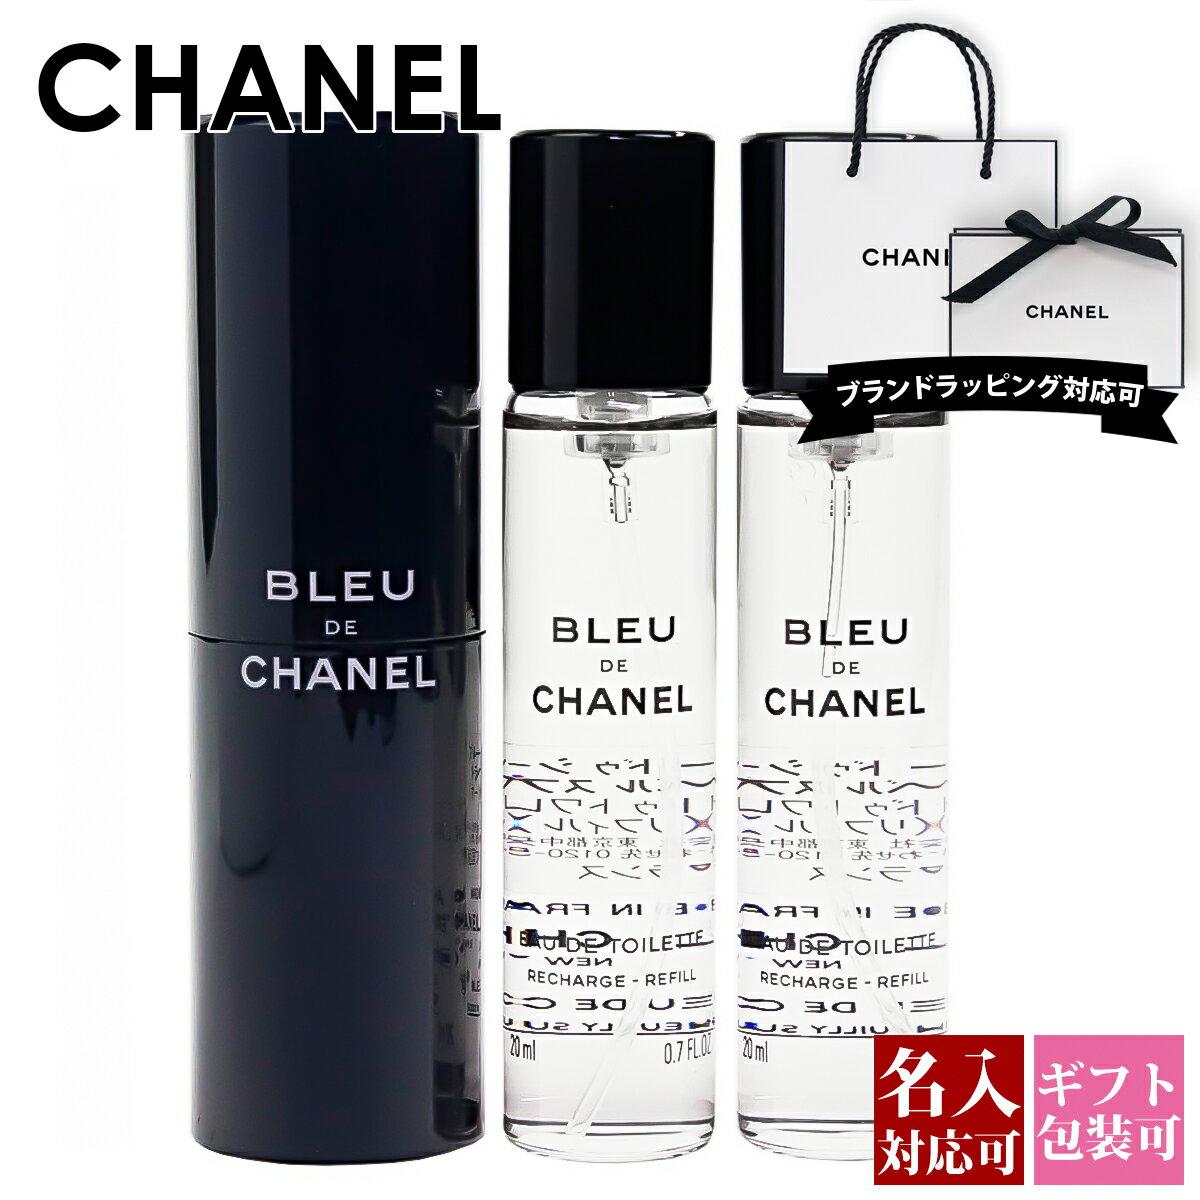 美容・コスメ・香水, 香水・フレグランス  EDT 20ml 3 SP CHANEL 2020